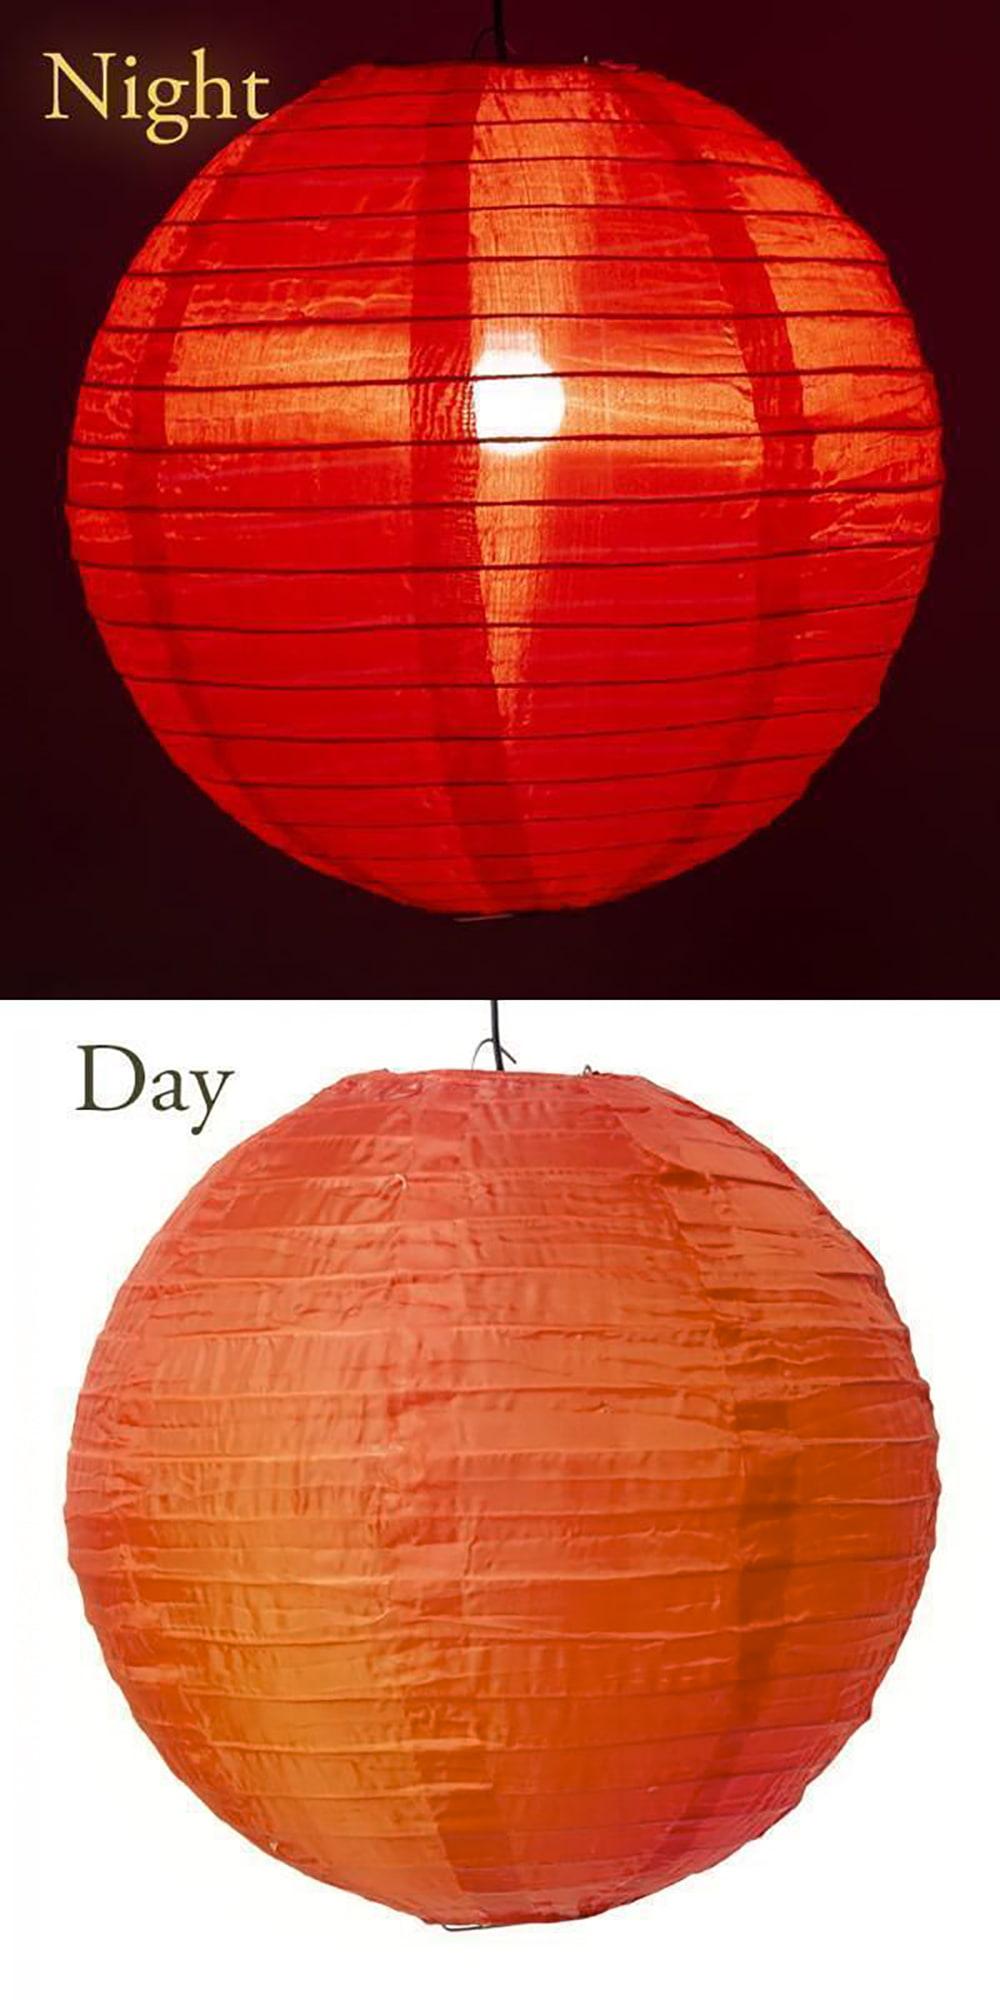 【8色展開】ベトナムのカラフル提灯・ランタン - 丸型 直径30cm 9 - 8:赤